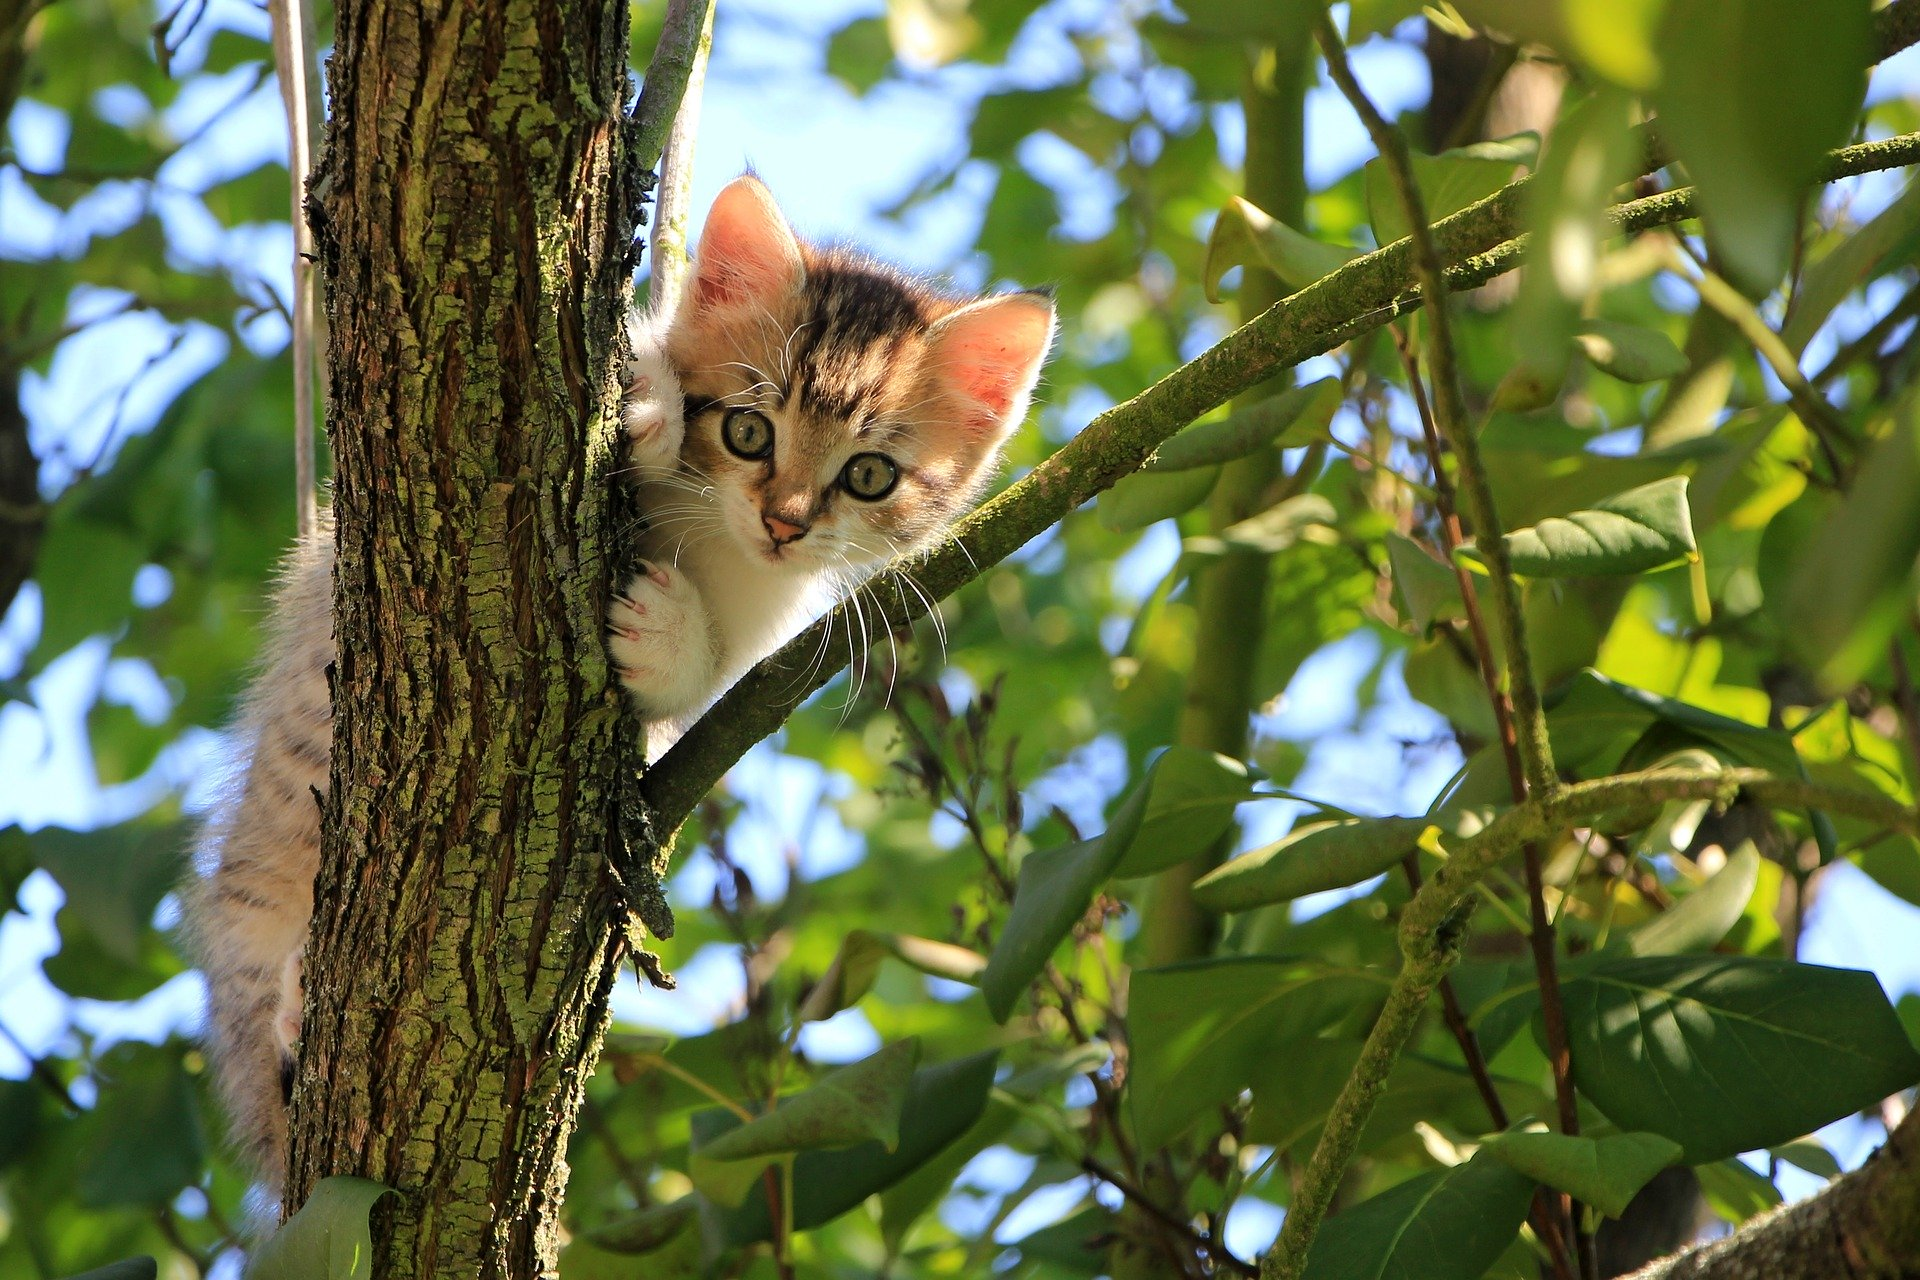 Majiteľa môže vystrašiť pohľad na vašu vlastnú mačku na strome. Riešením problému však zvyčajne je zostať pokojný.